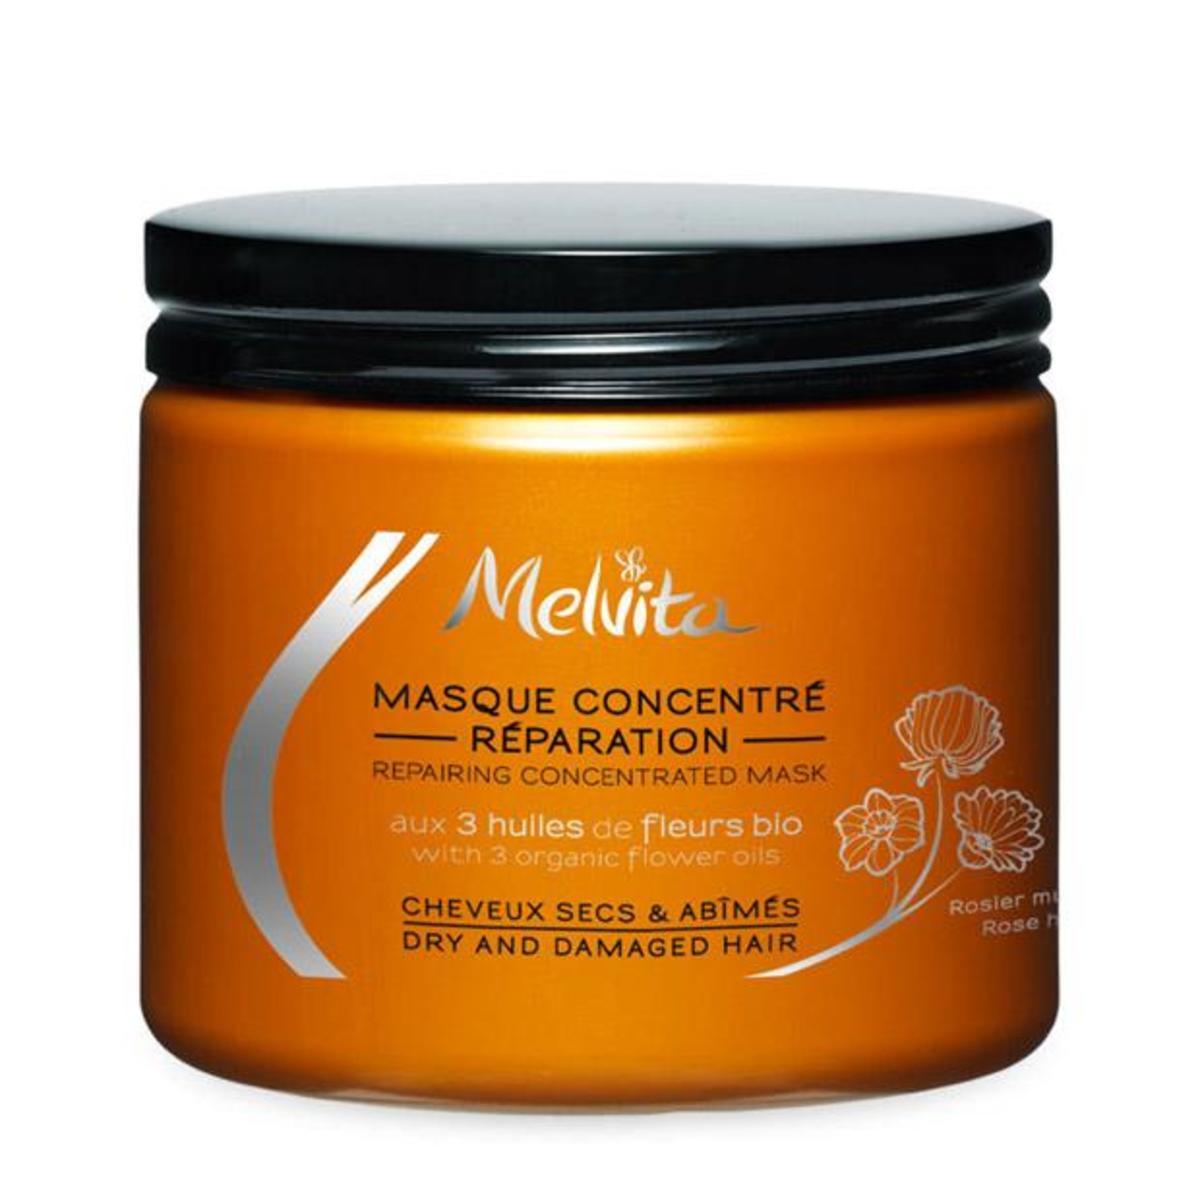 法國直送 - 植物油複方修護髮膜 175ml